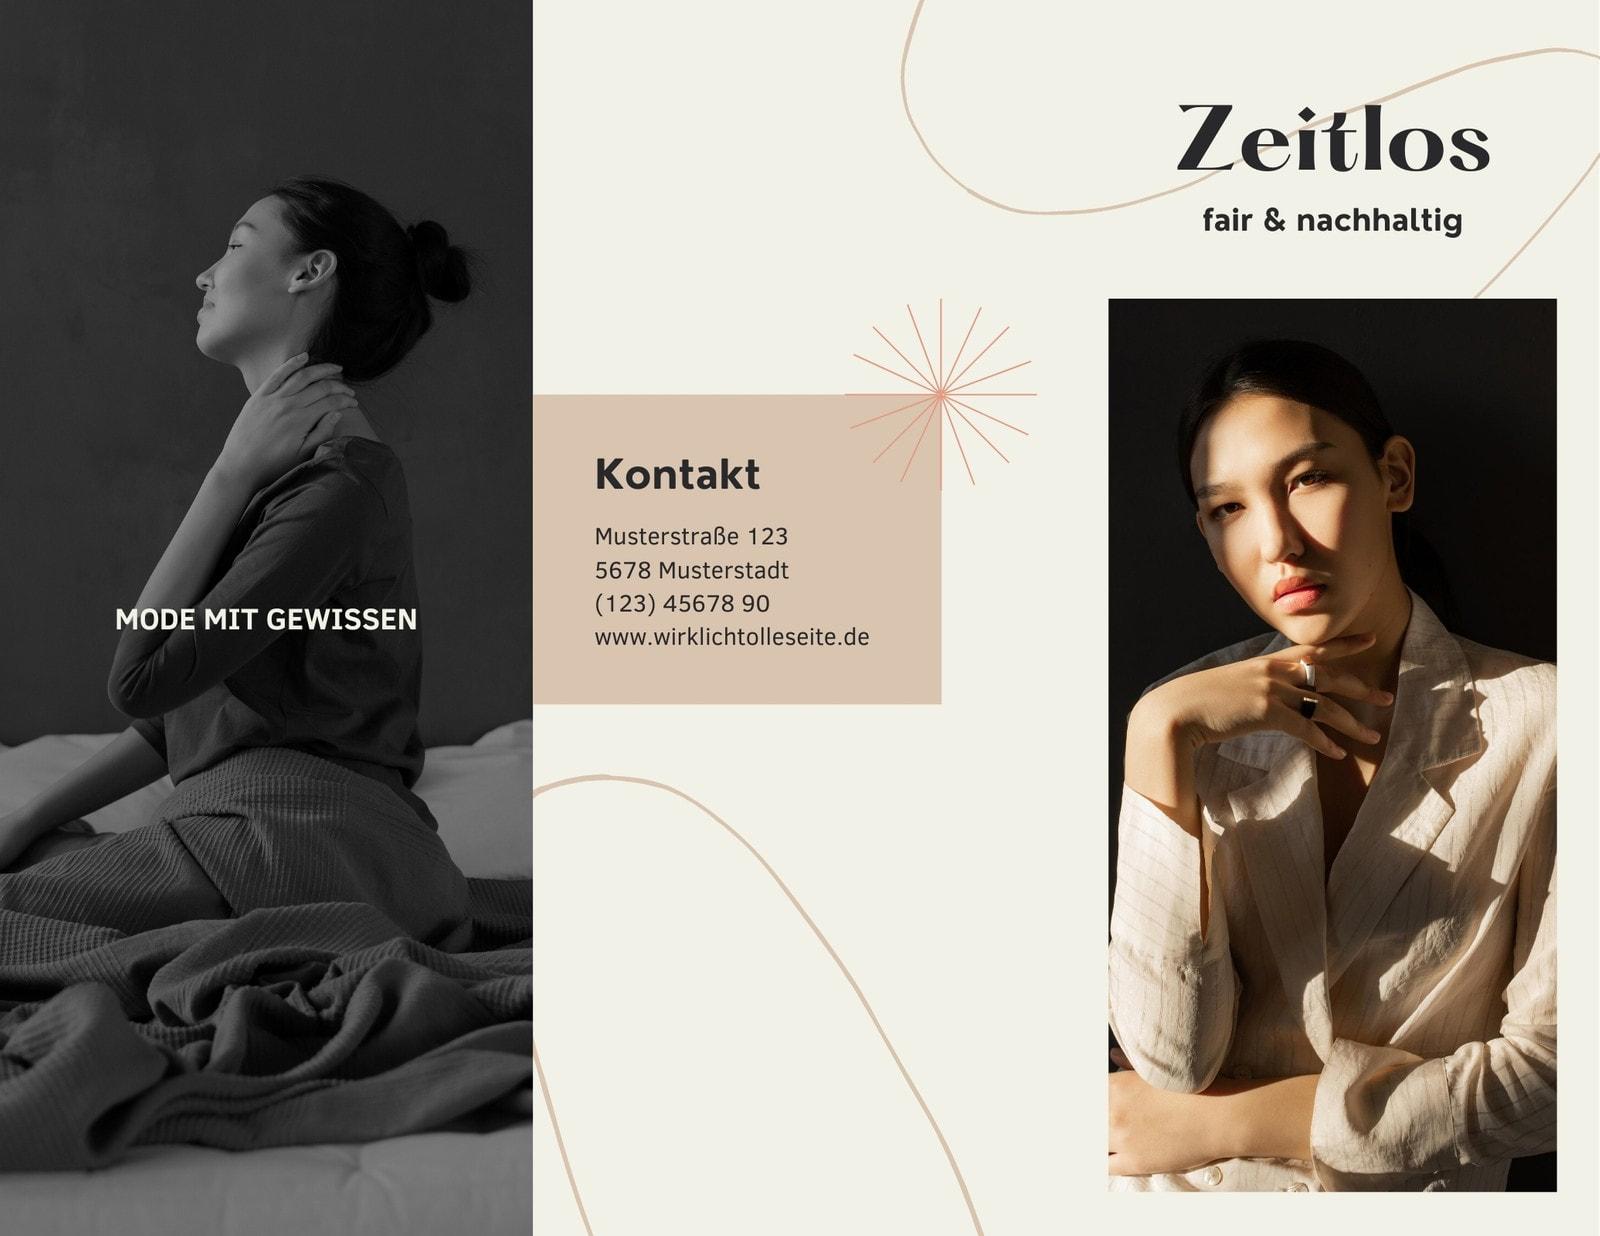 Creme-beige Minimalistisch Fashion Dreiseitige Broschüre